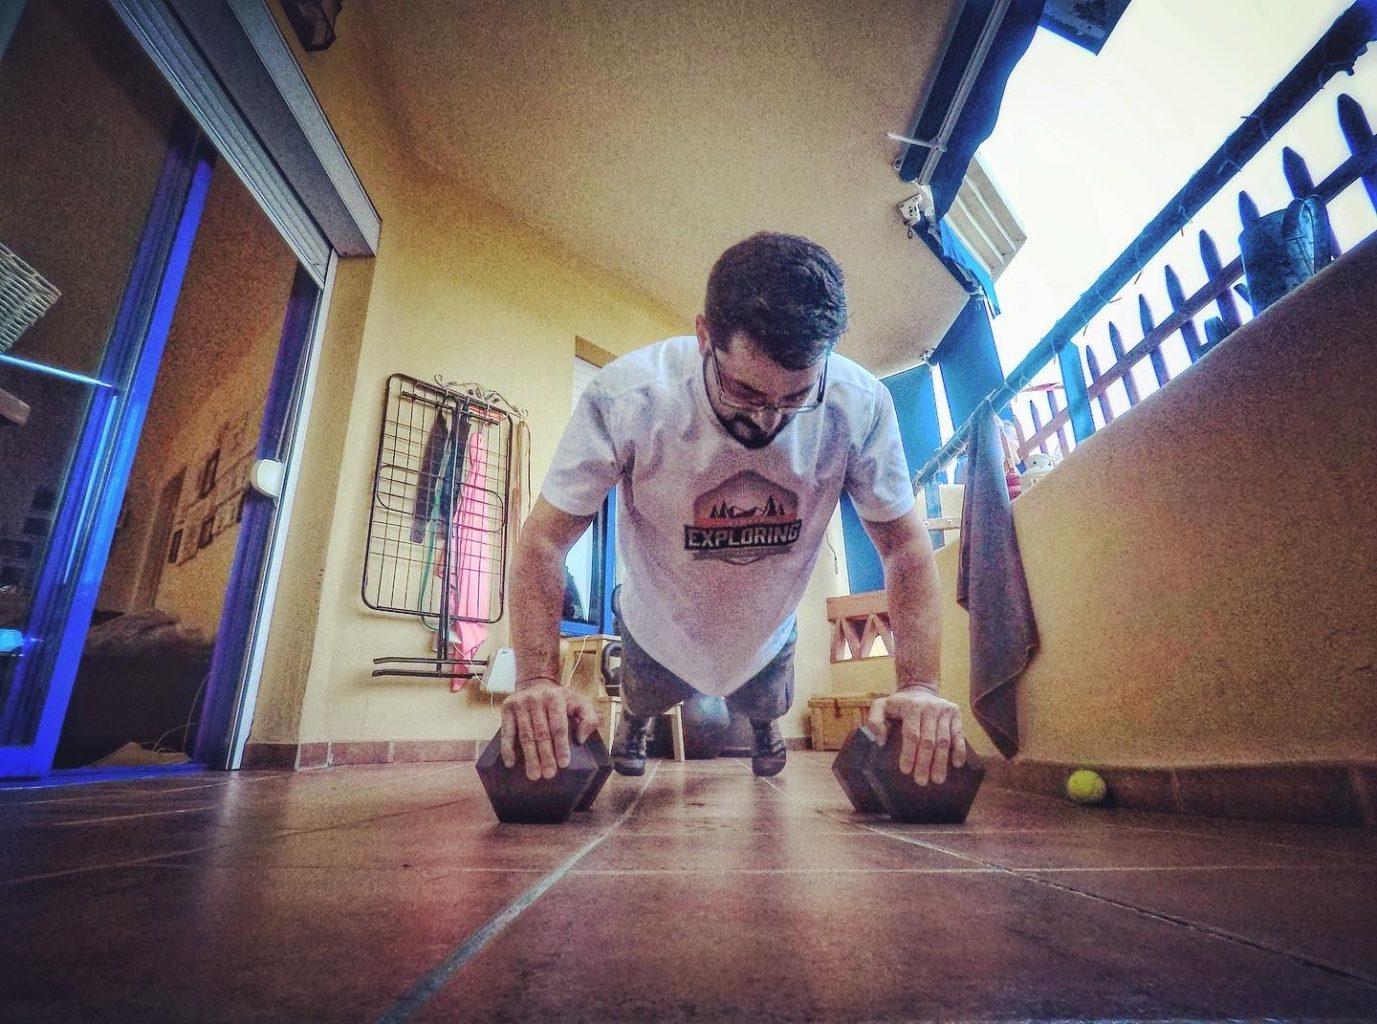 entrenar en casa crossfit